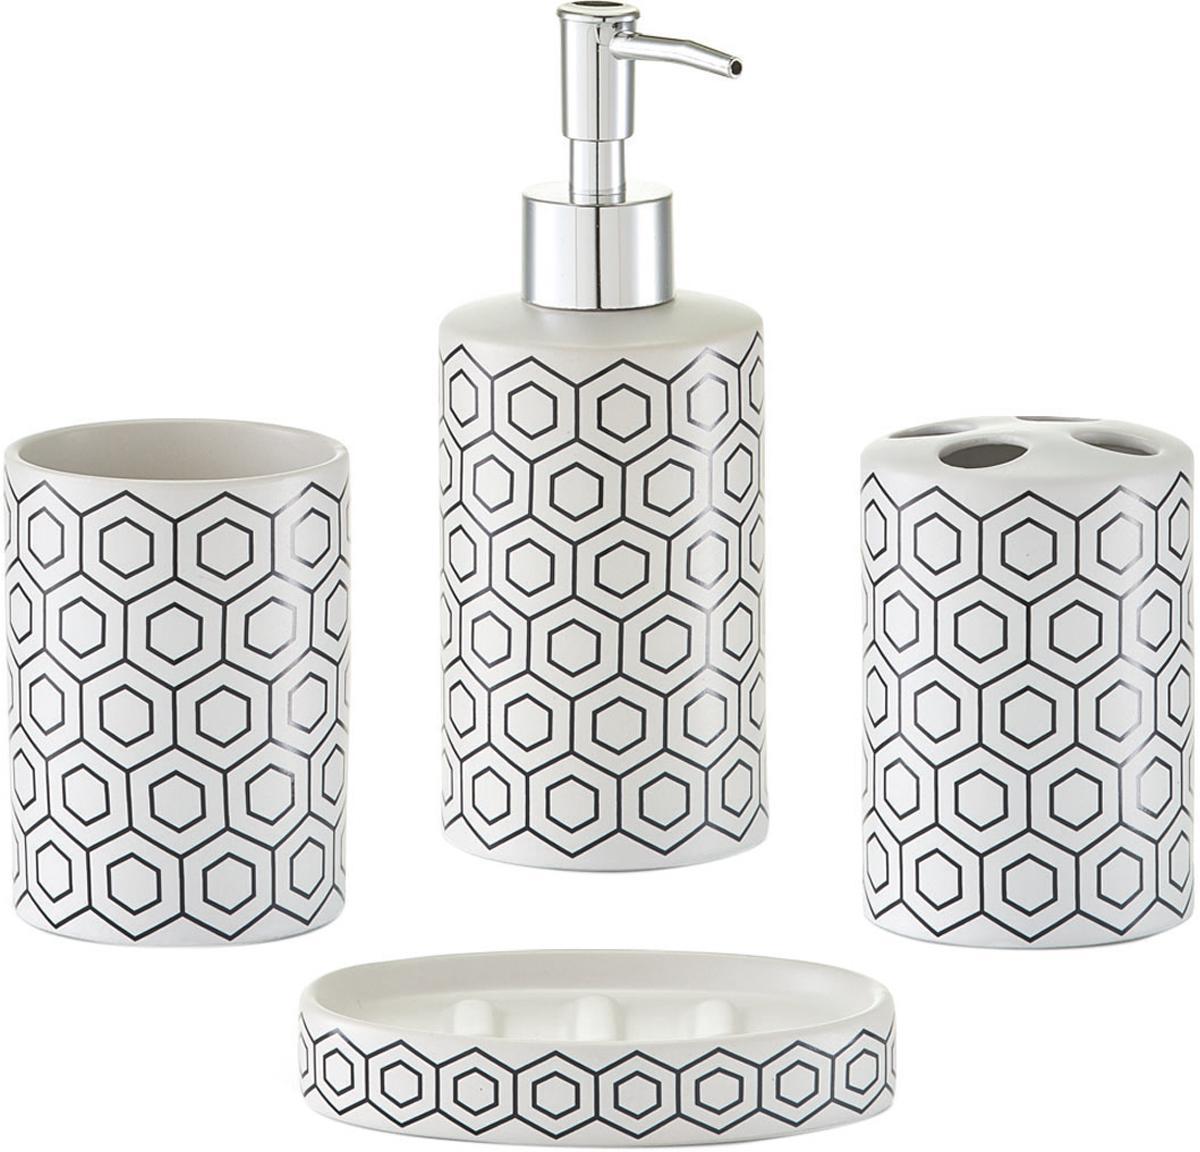 Set accessori da bagno Graphic 4 pz, Nero, bianco, Set in varie misure